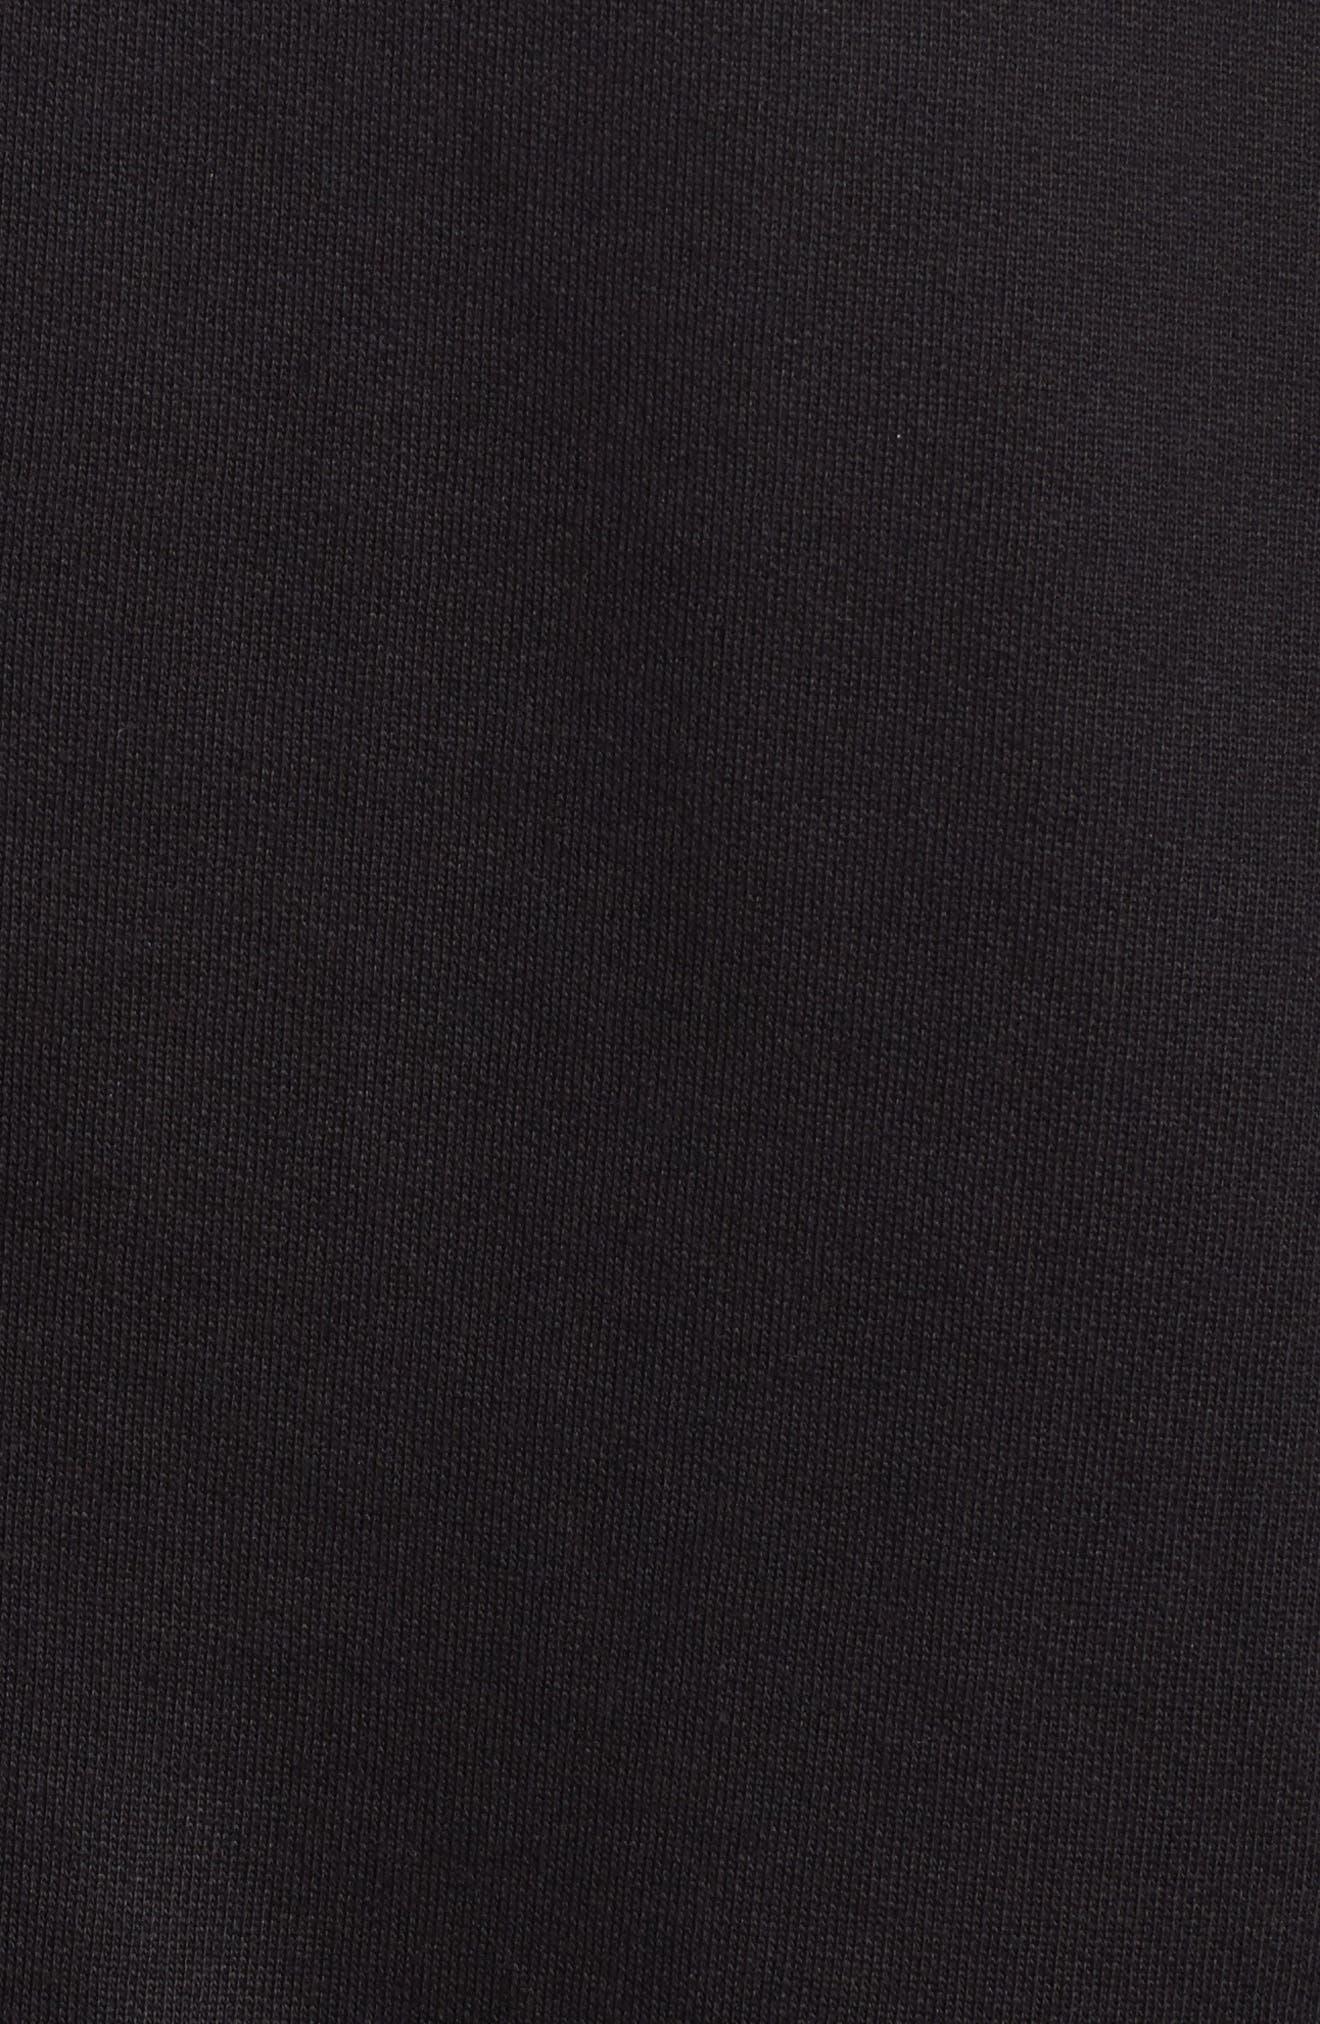 Meace Fleece Sweatshirt,                             Alternate thumbnail 5, color,                             002